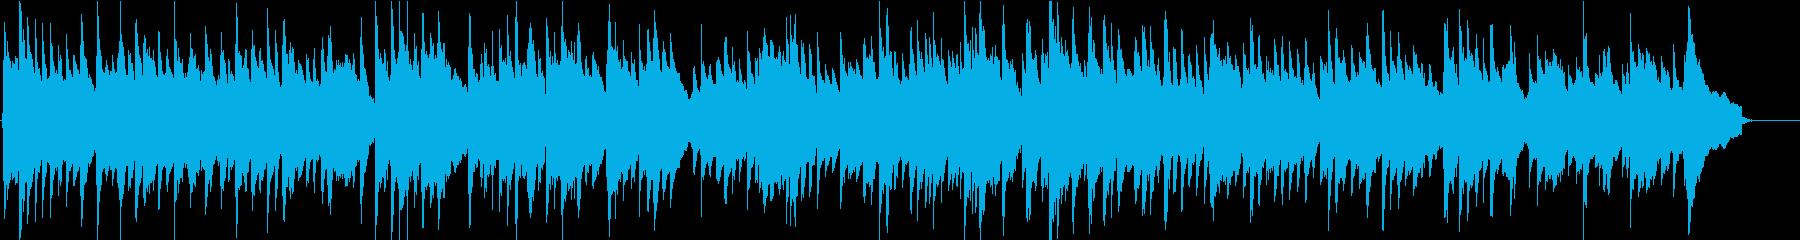 優しく切ないアコースティックギターソロ曲の再生済みの波形